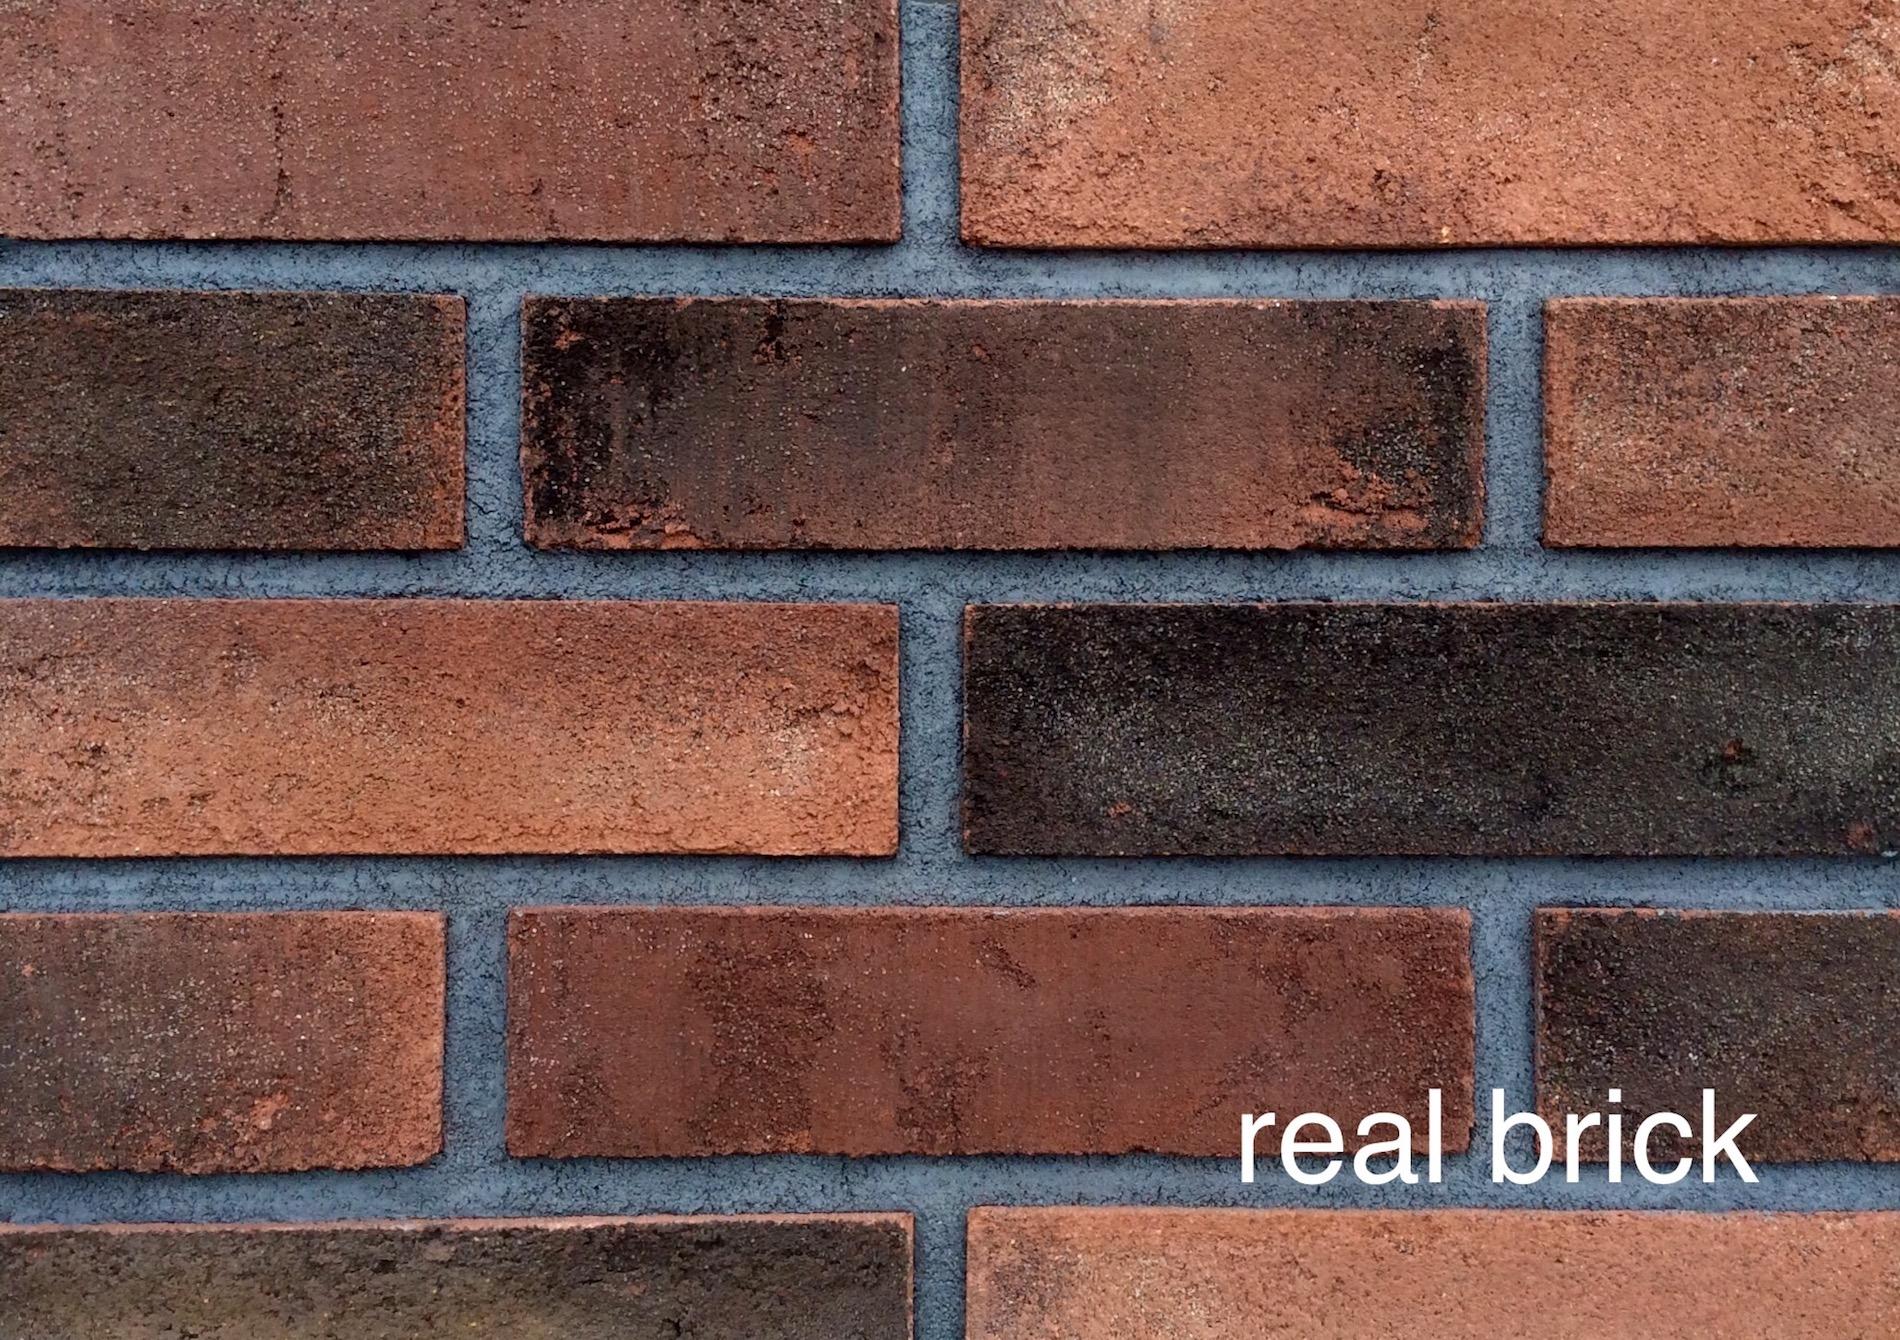 Real brick 6